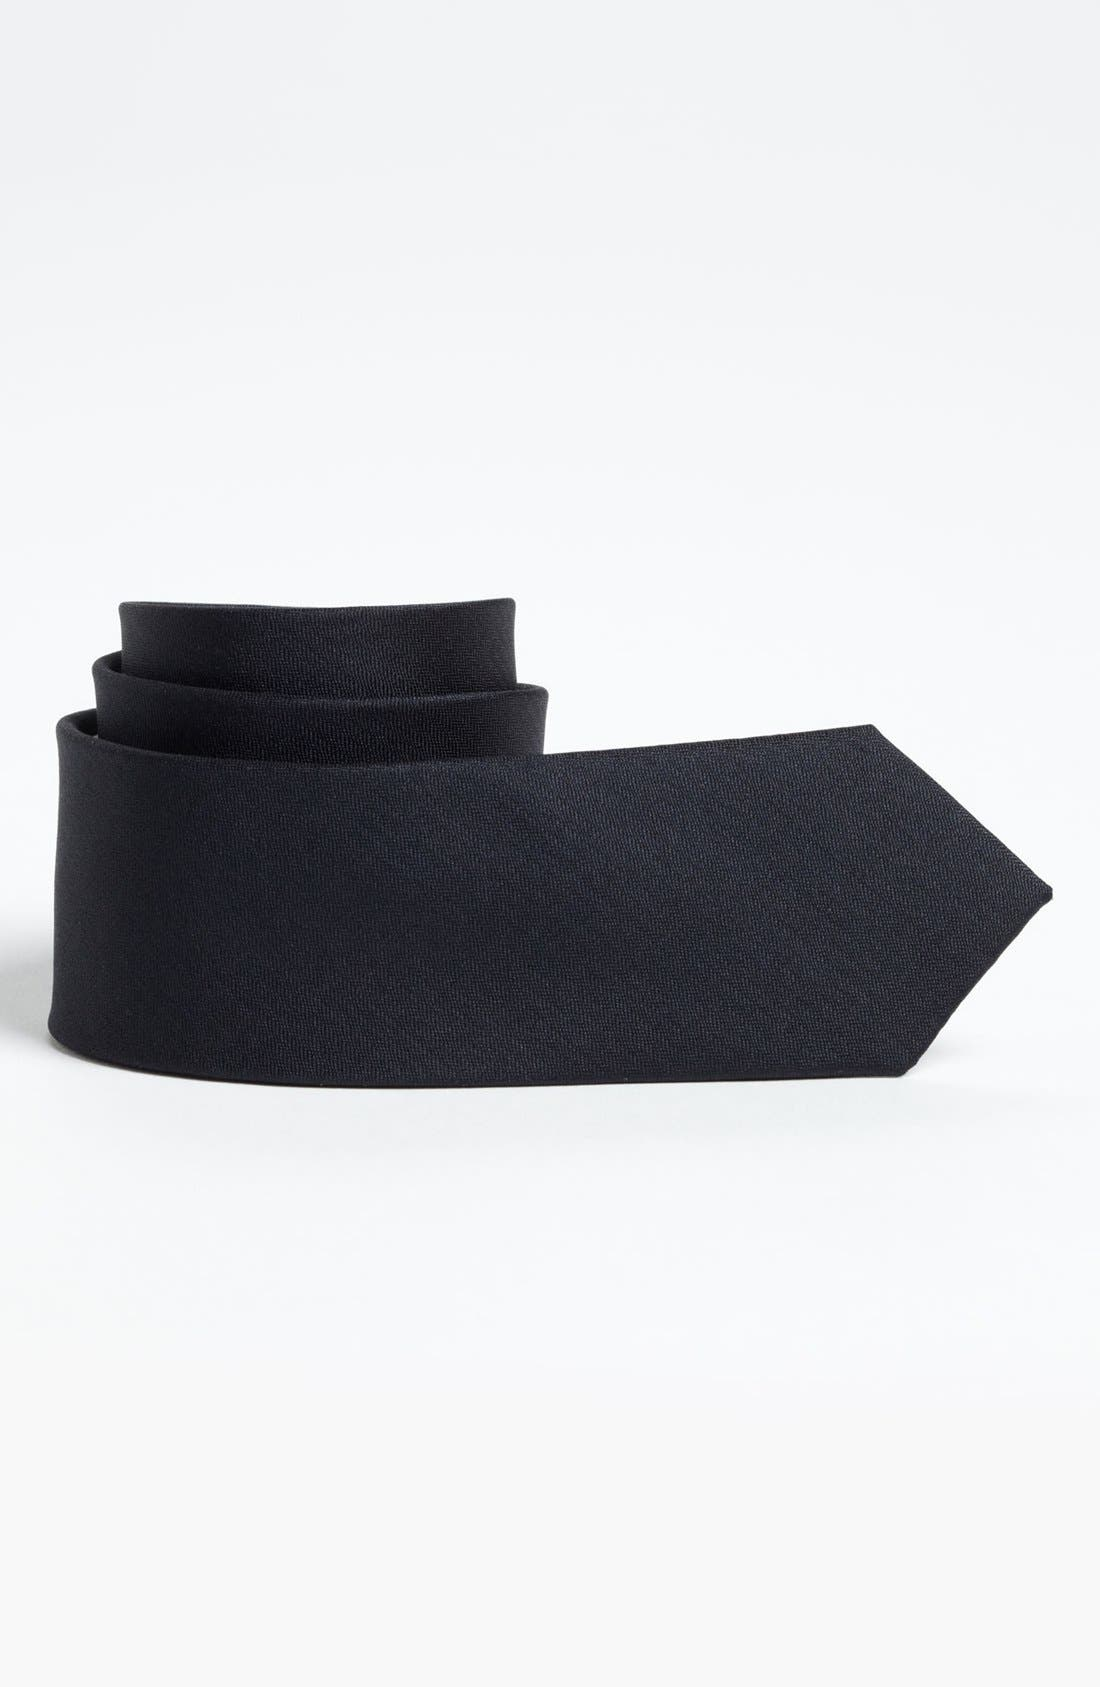 Main Image - BOSS Kidswear Woven Silk Tie (Little Boys)